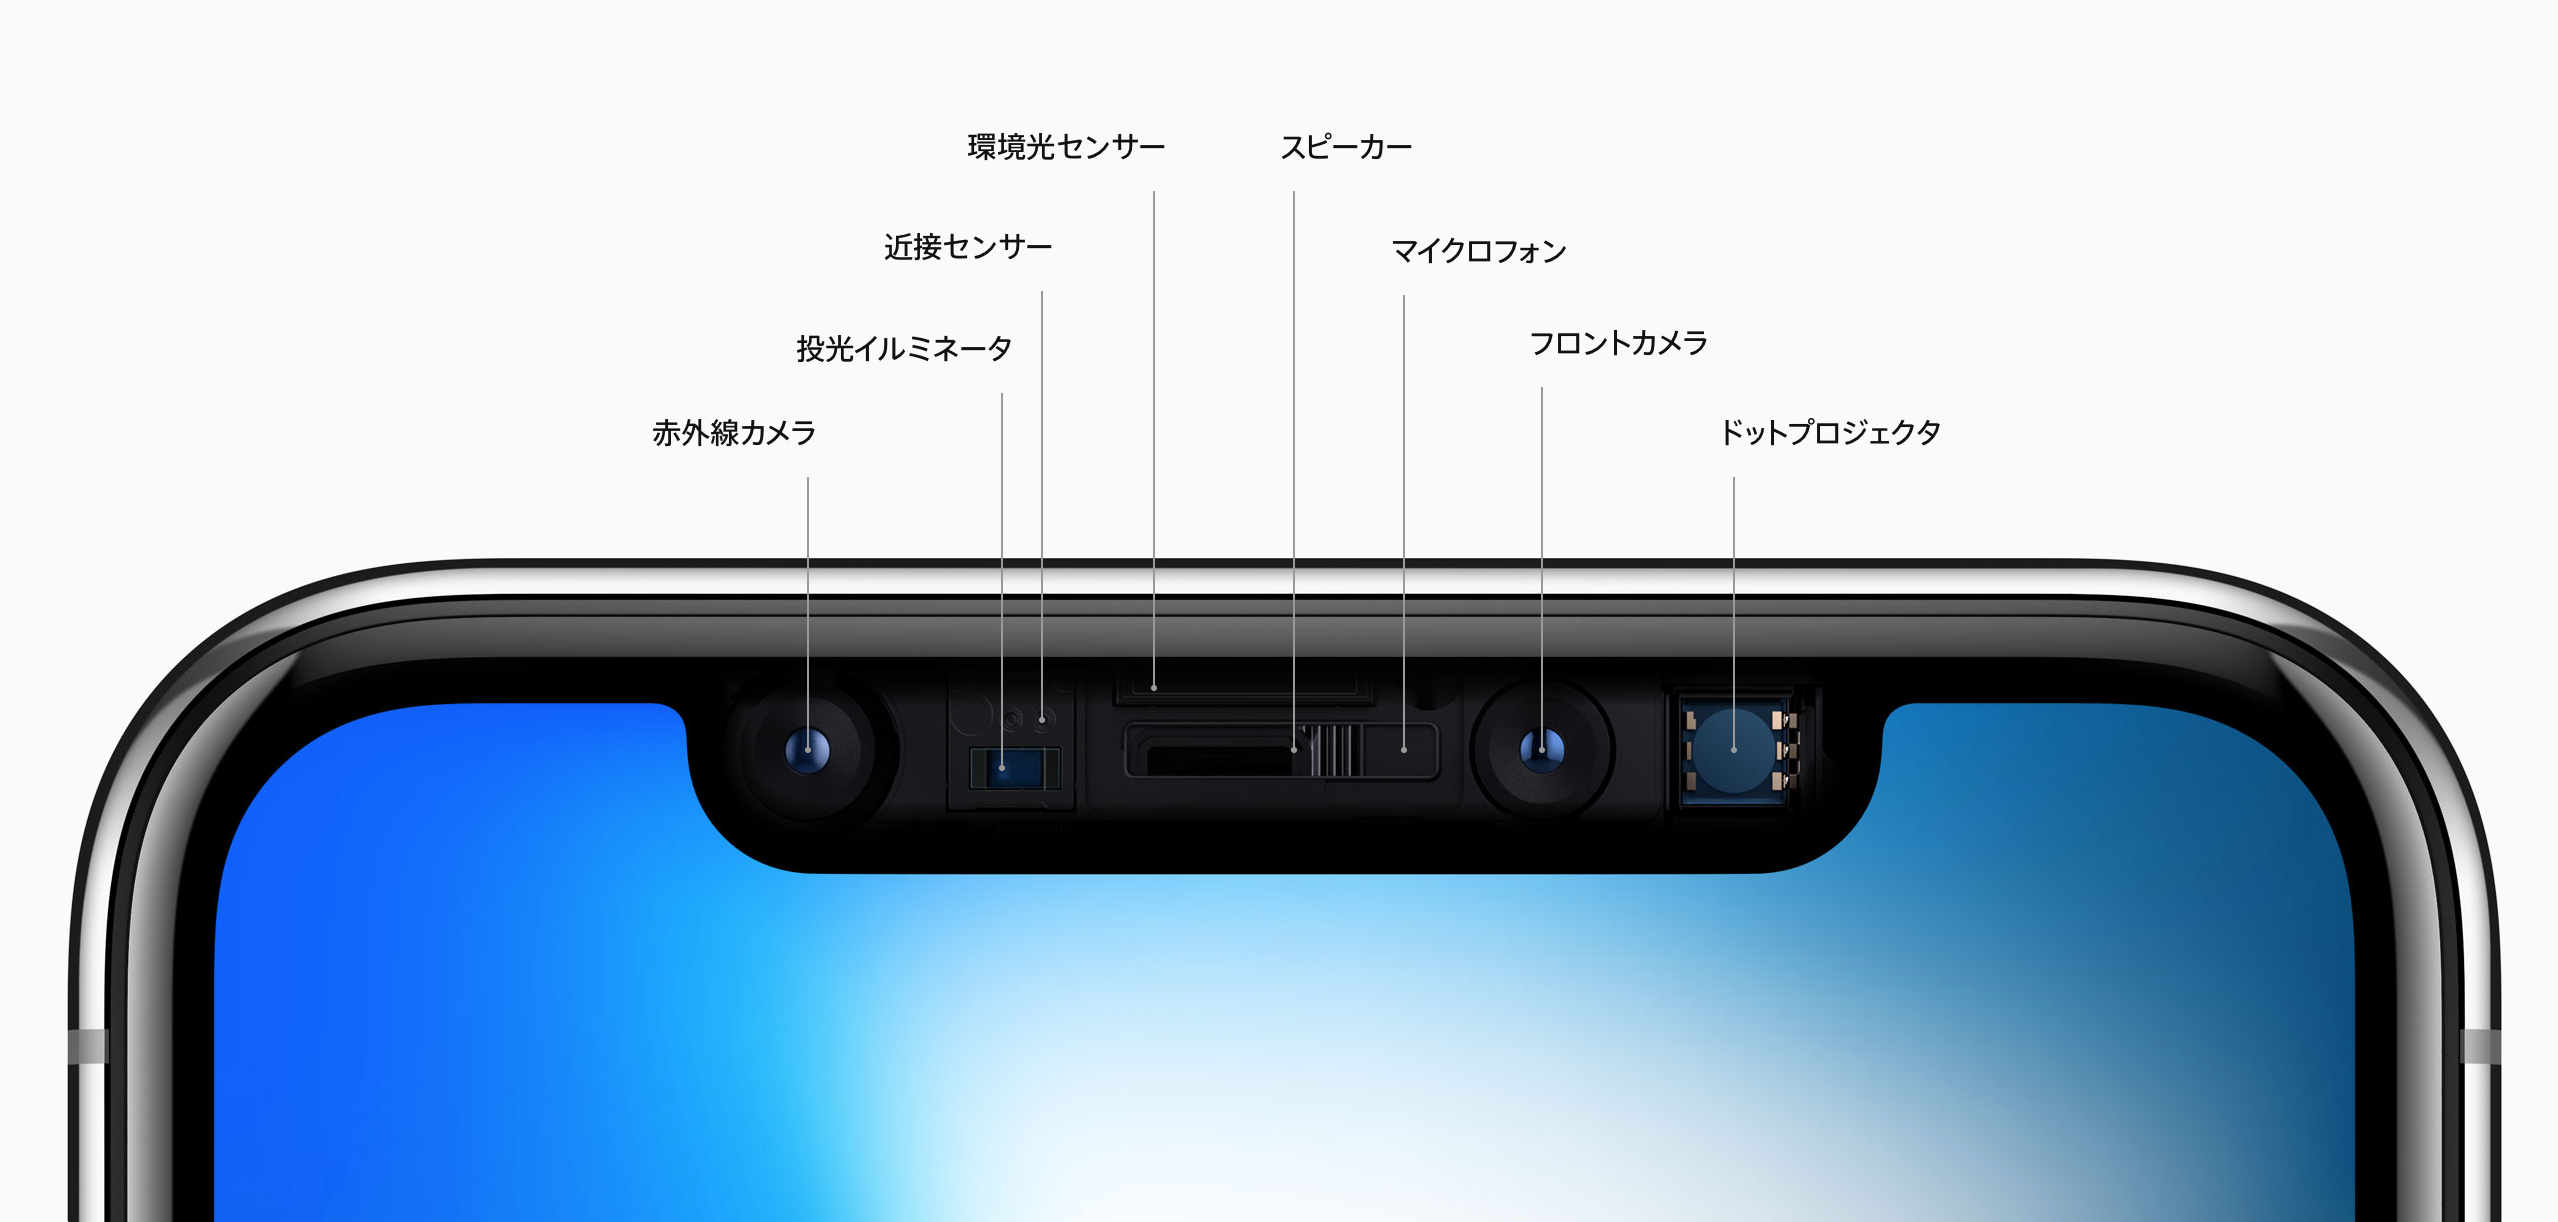 2018年 iPhoneリアカメラには「TrueDepthカメラ」搭載しない